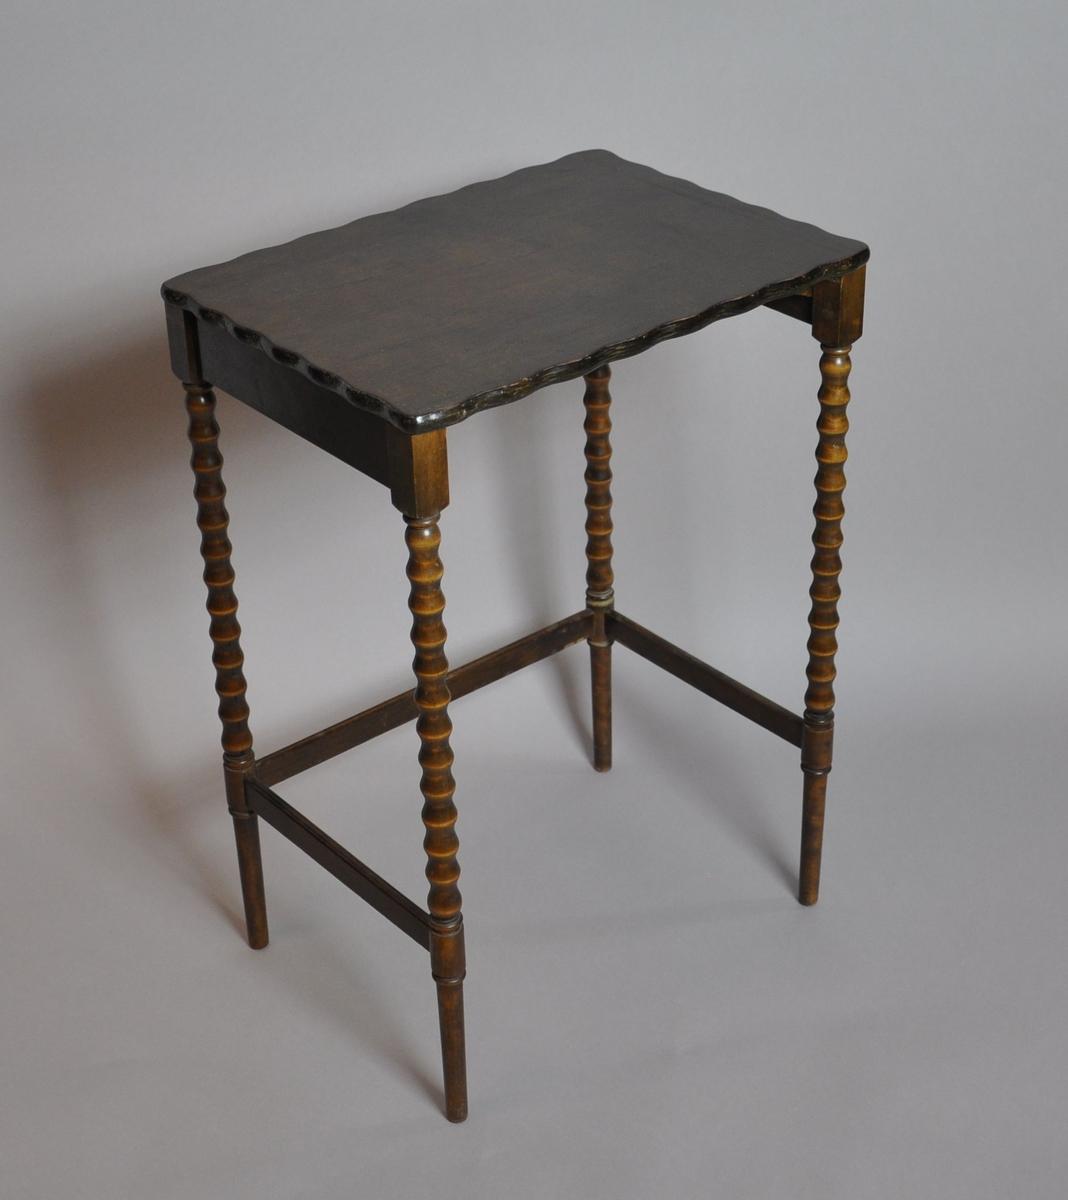 Bord av tre. Bordplaten er sveifet slik at kantene har bølgeform. Flate sarger på tre av sidene, hvorpå den ene langsiden er åpen. Står på fire bein av dreid tre. Det er sprosser mellom beina, med unntak av den ene langsiden.